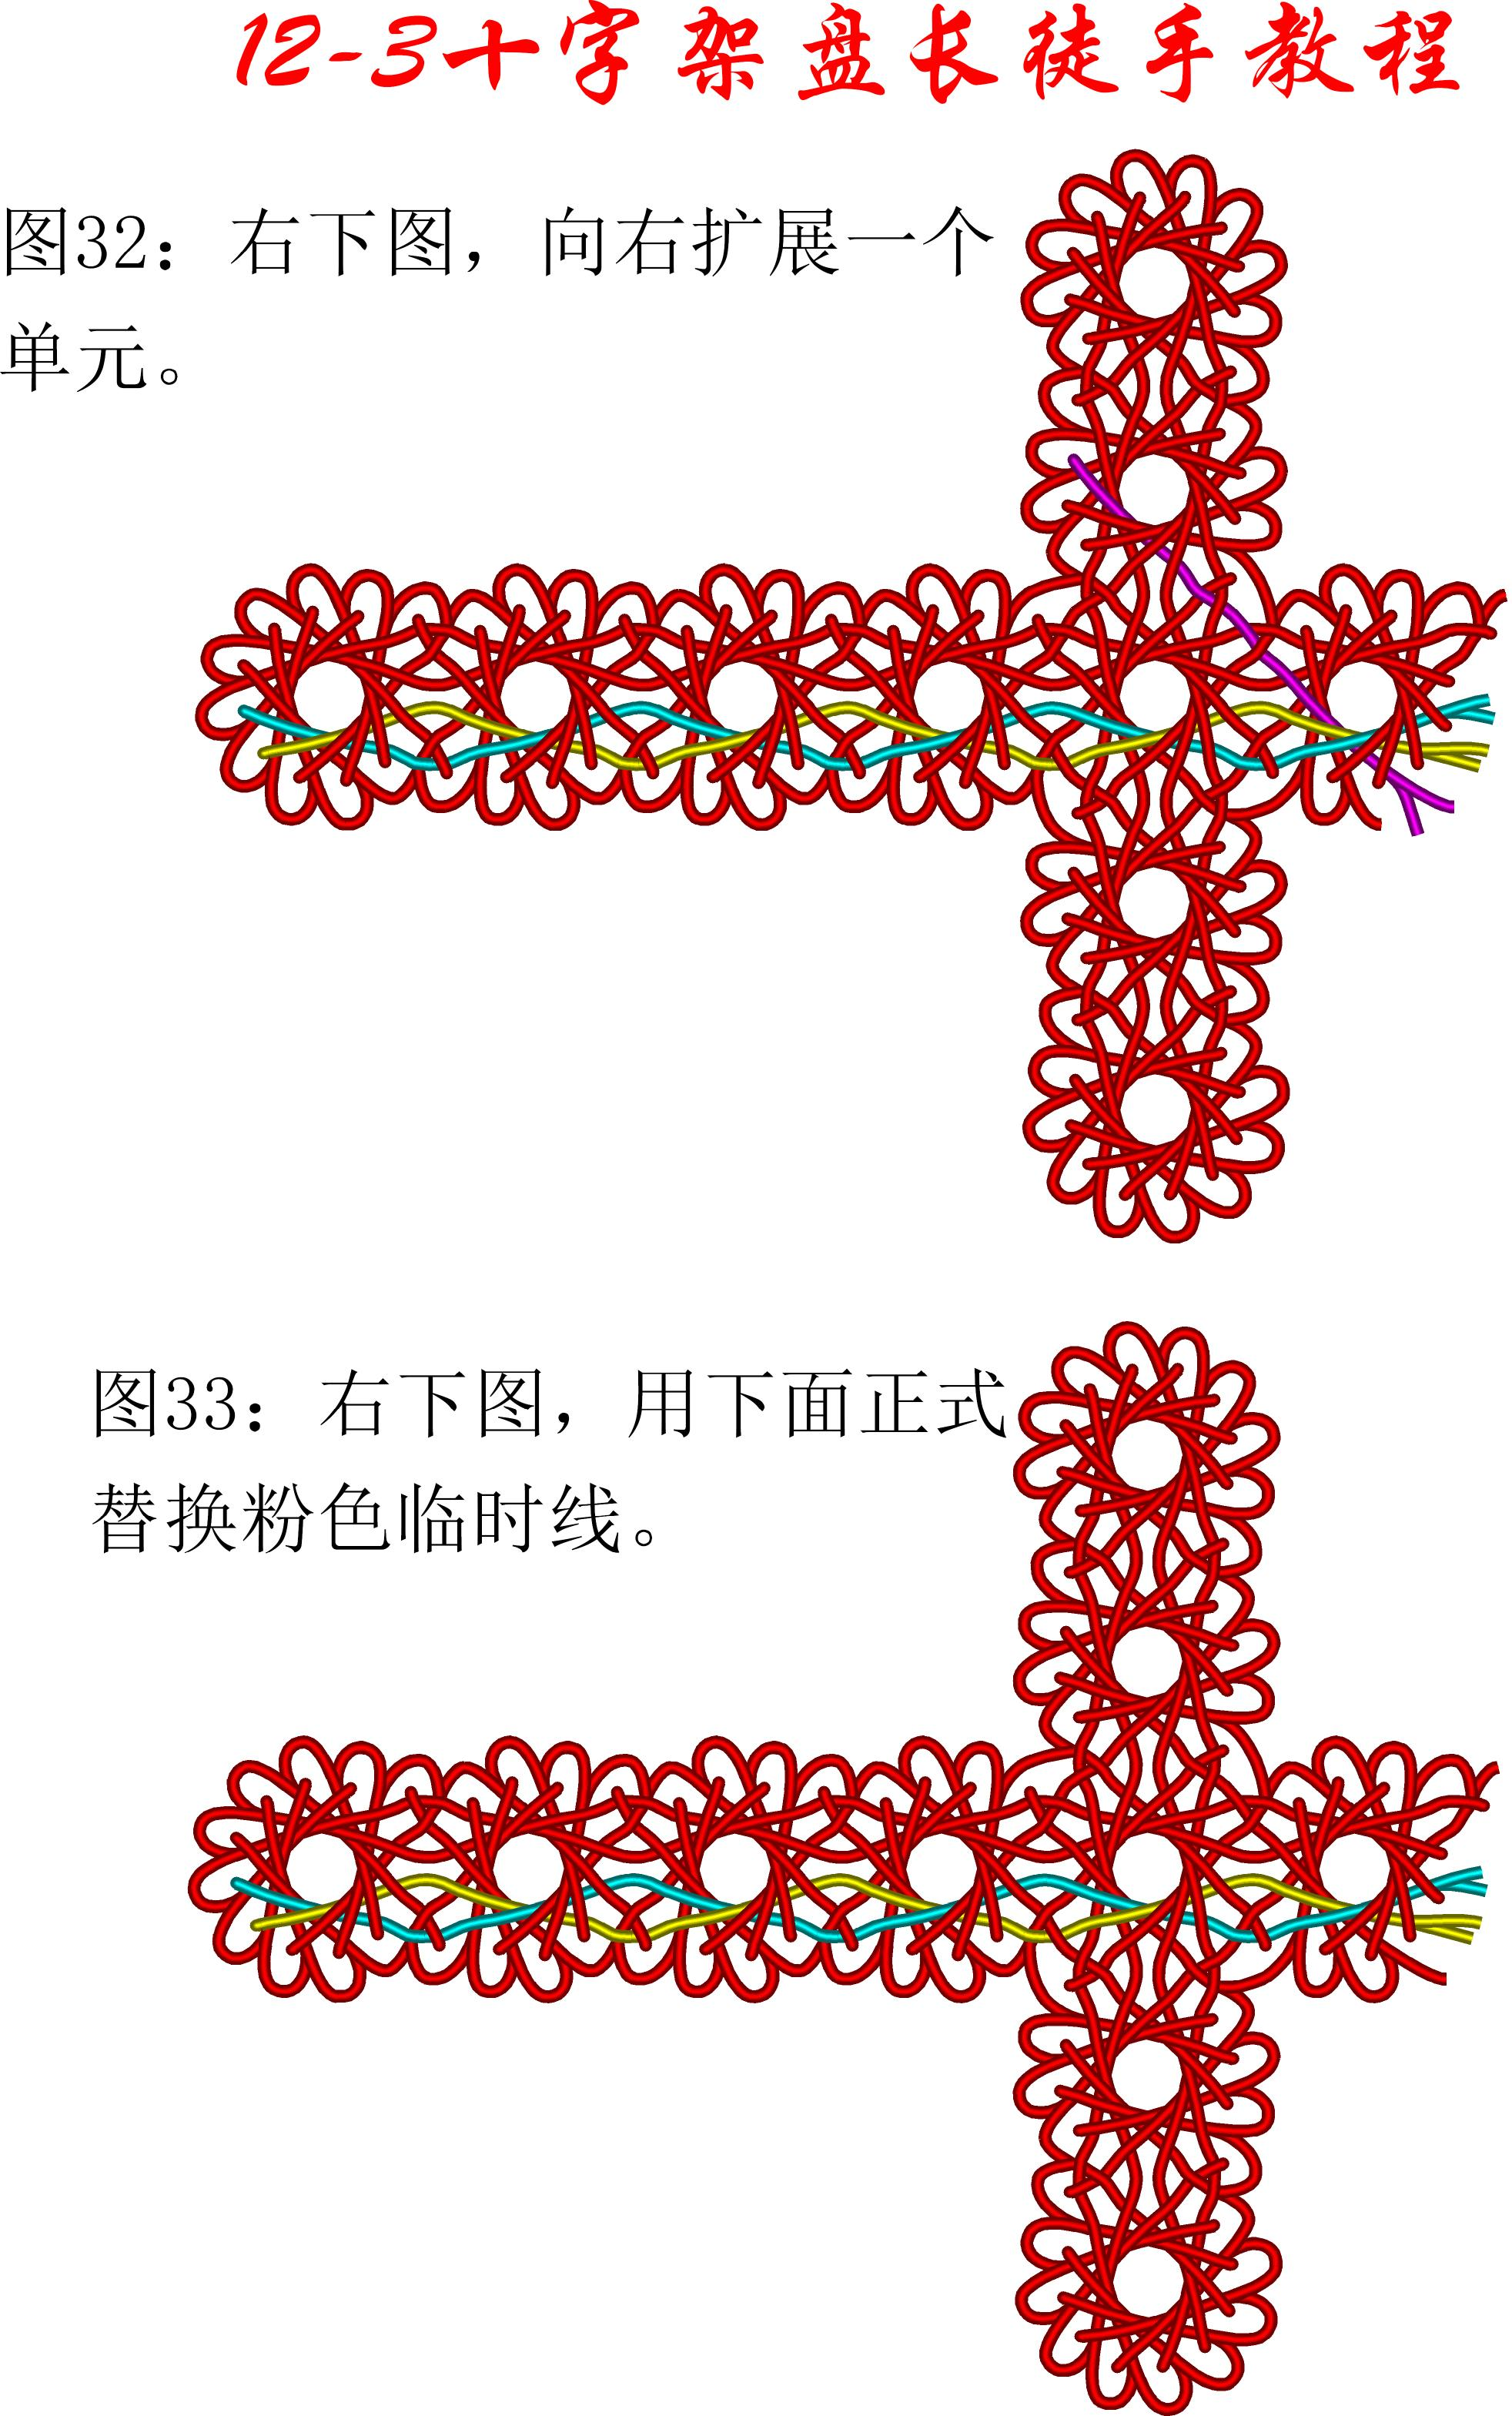 中国结论坛 12-3十字架盘长徒手教程 教程,盘纽扣结的制作方法,儿童简单的中国结编法,八盘中国结的编法图解 丑丑徒手编结 104846uddkleel5t0txylx